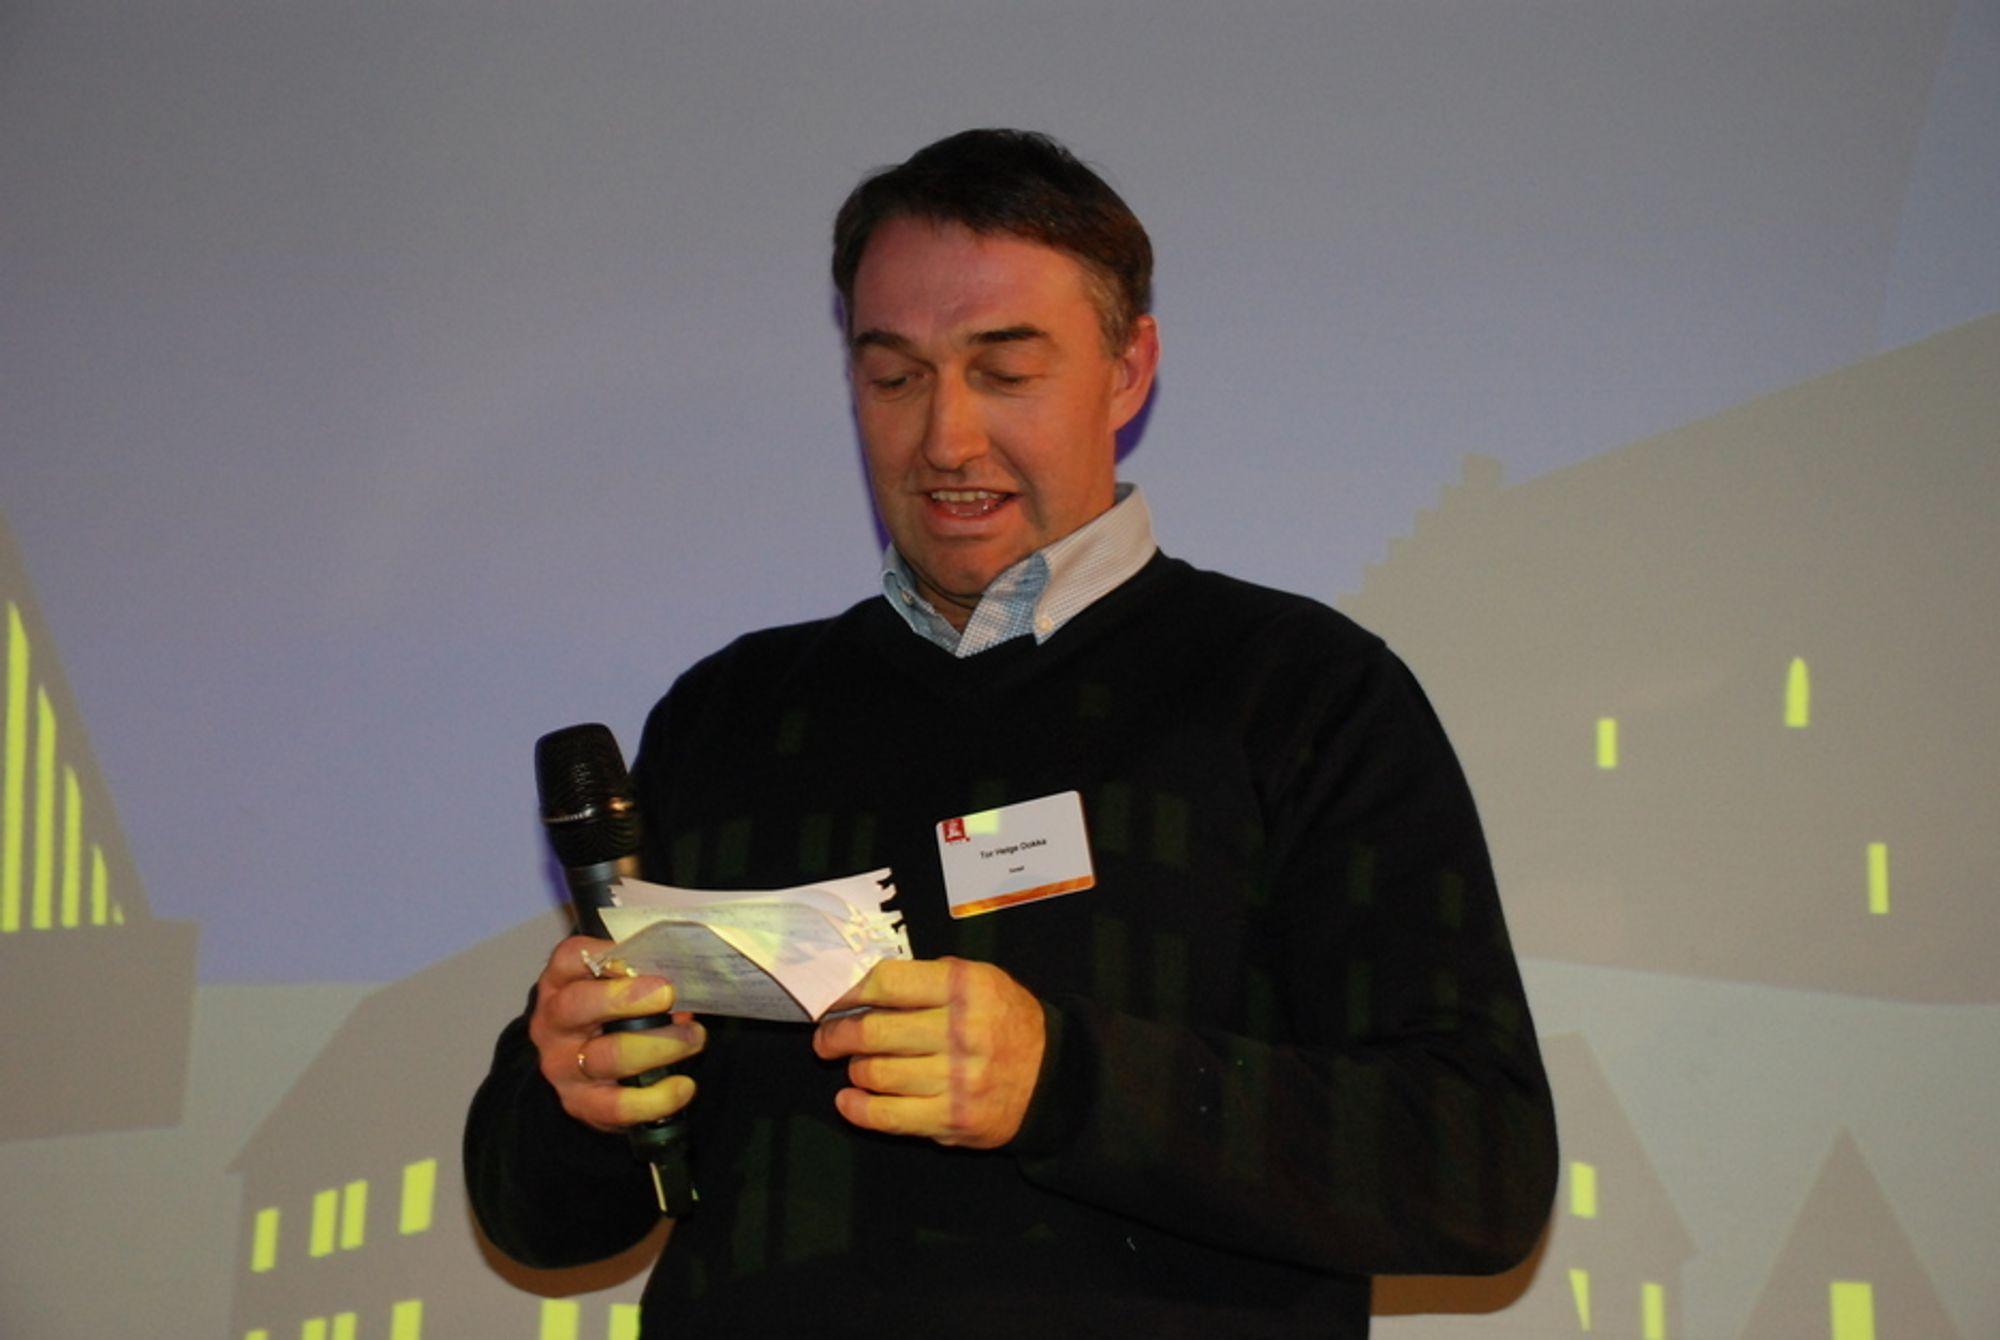 FIKK HEDERSPRIS: Seniorforsker ved Sintef Byggforsk, Tor Helge Dokka, mener byggebransjen har en ufortjent lav status, når det kommer til bransjens arbeid med energieffektivisering.